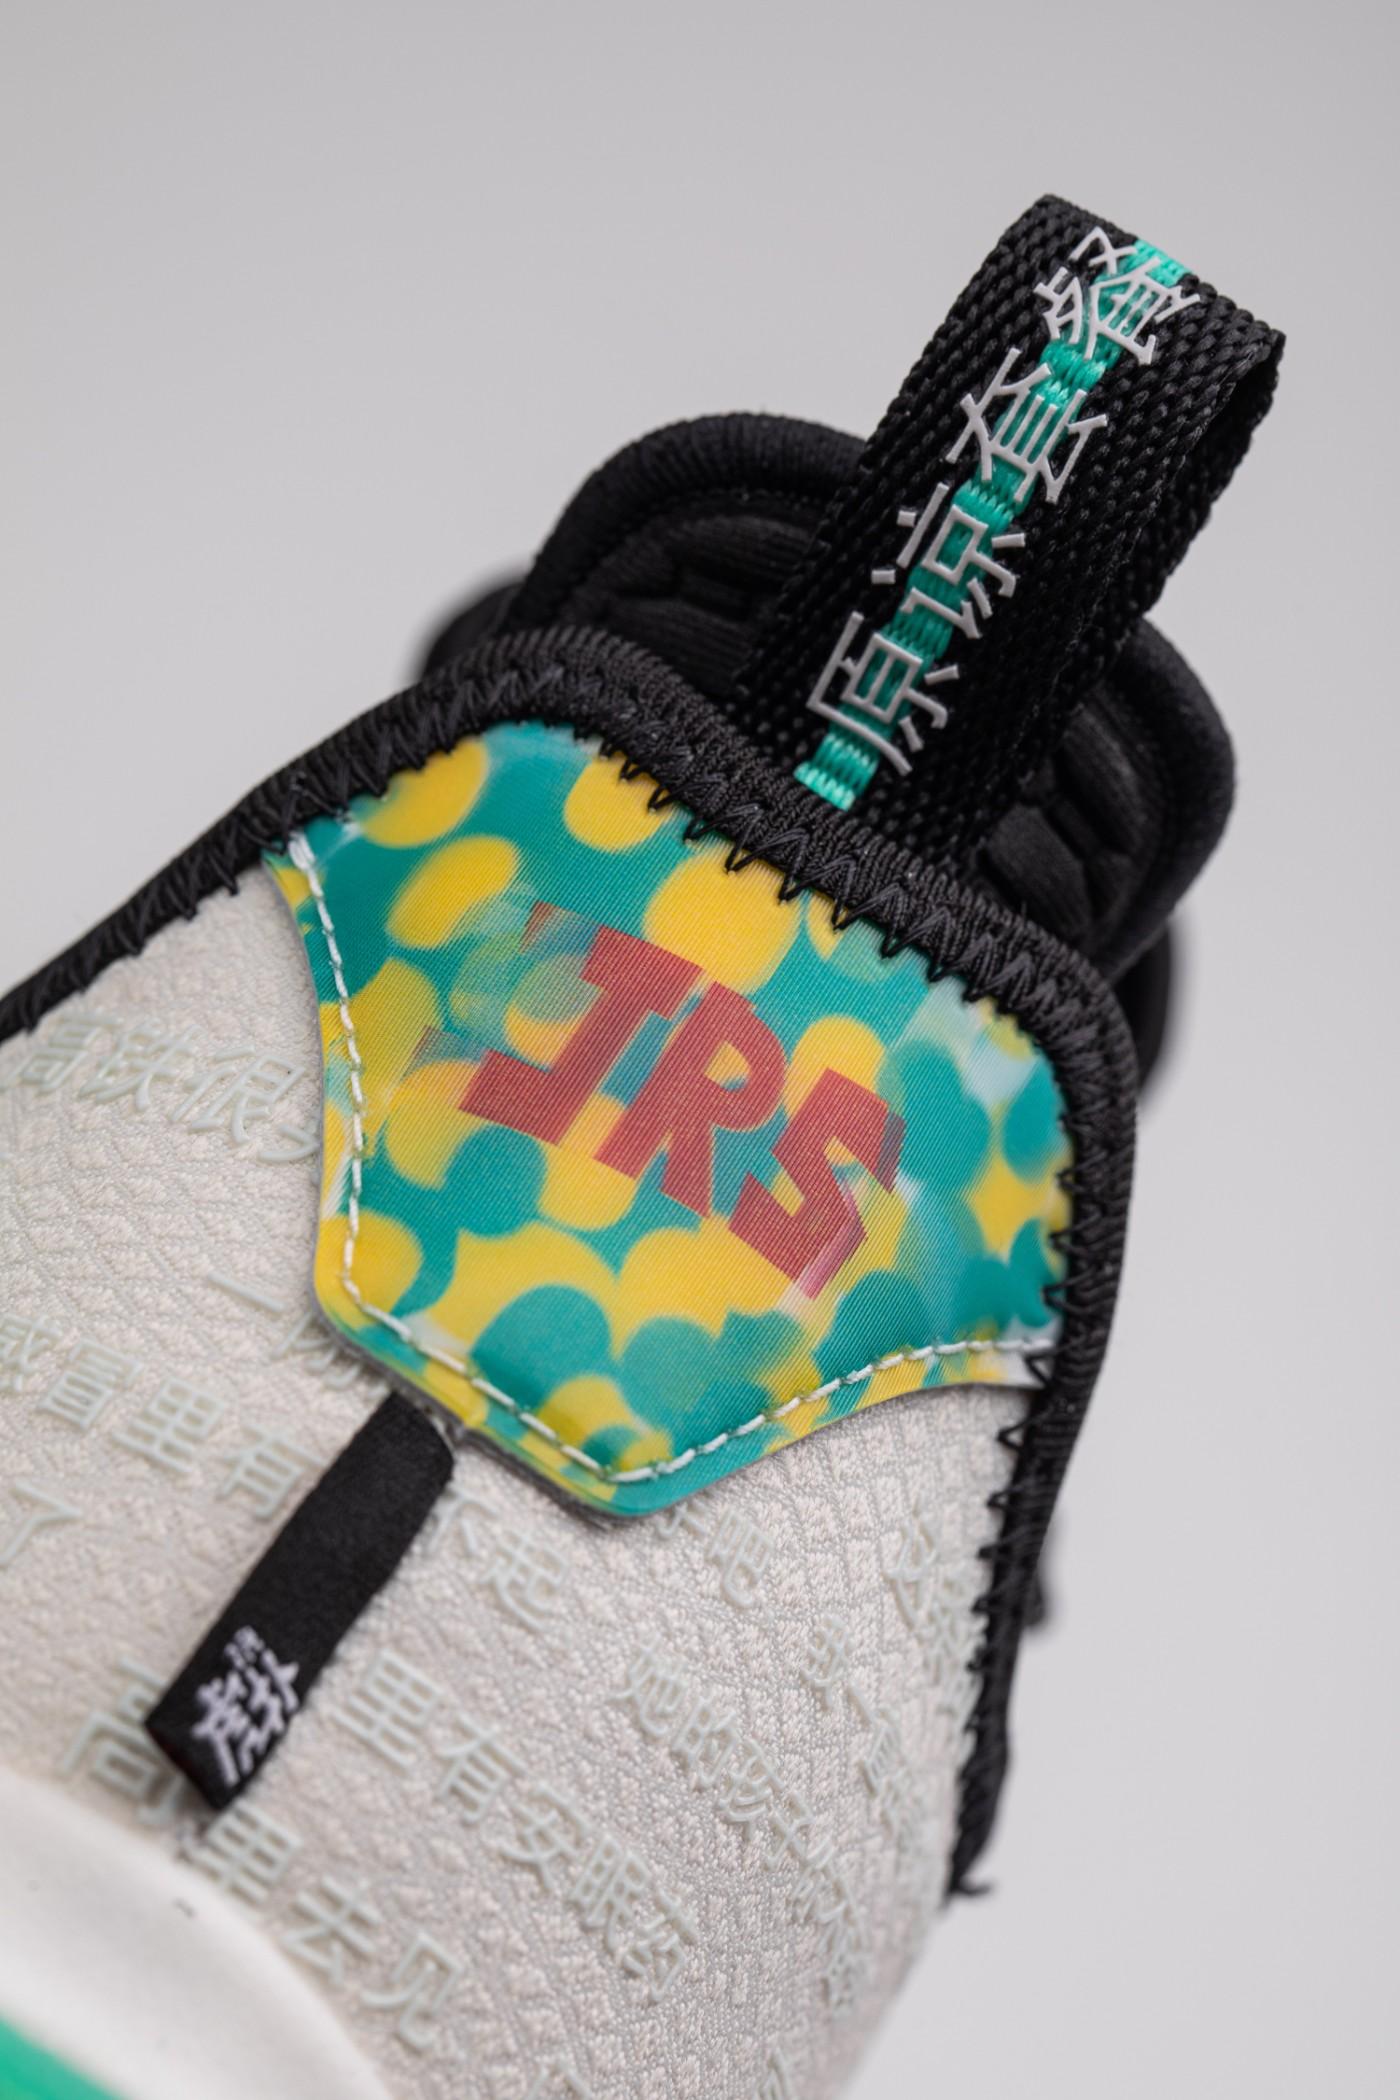 安踏,GH2,发售  这才是「原谅配色」!虎扑 JRS 联名鞋给我看乐了!这些梗你看懂几个?